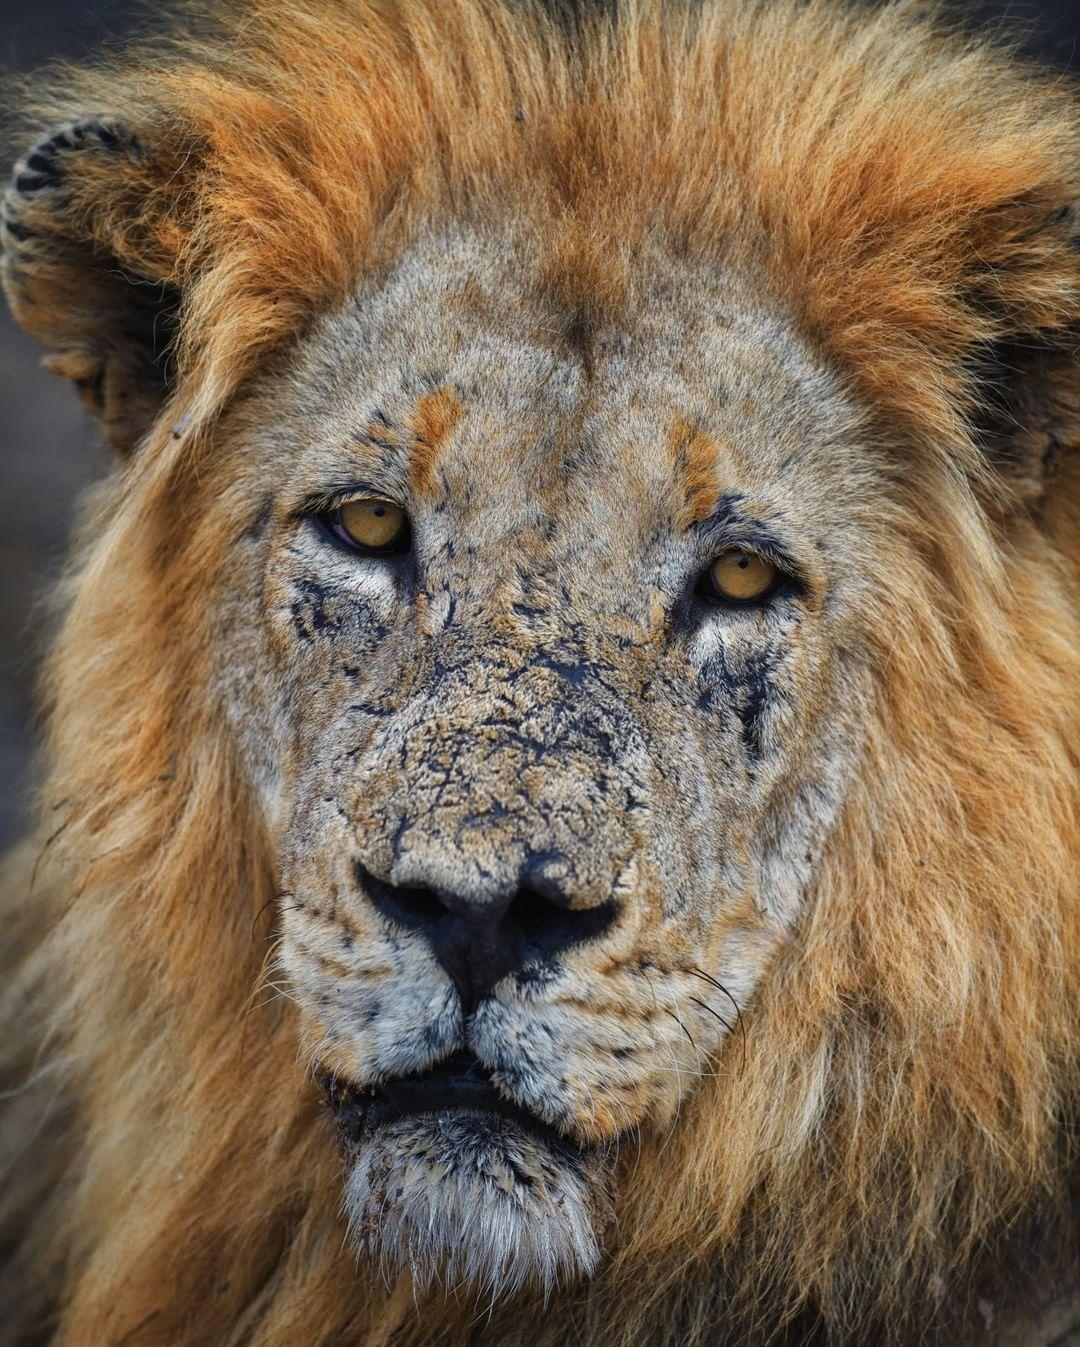 Este leão de 11 anos de idade é considerado um guerreiro entre os outros da espécie. Sua face é um distintivo de honra que mostra quantas batalhas ele enfrentou para tornar-se rei do seu território